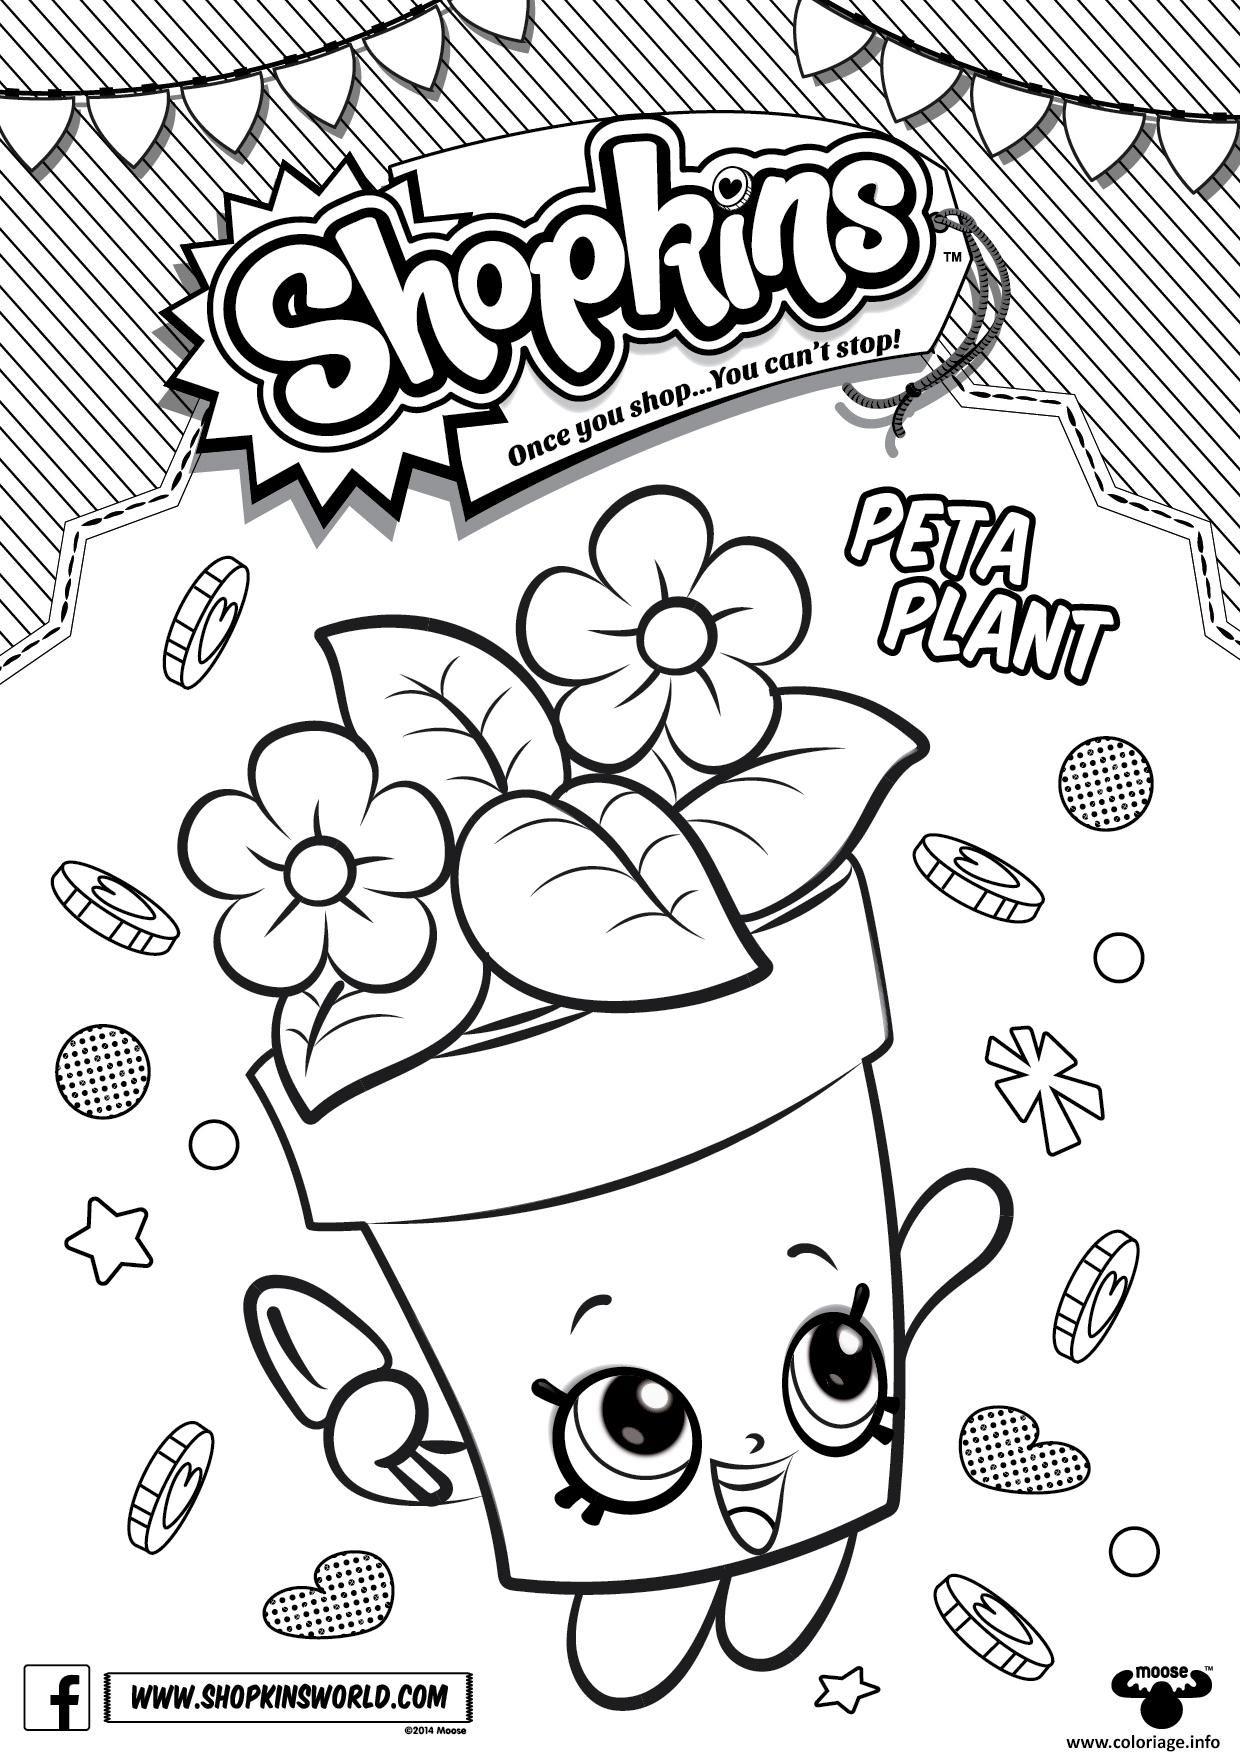 Coloriage Shopkins Peta Plant Dessin À Imprimer à Coloriage A Imprimer Gratuits